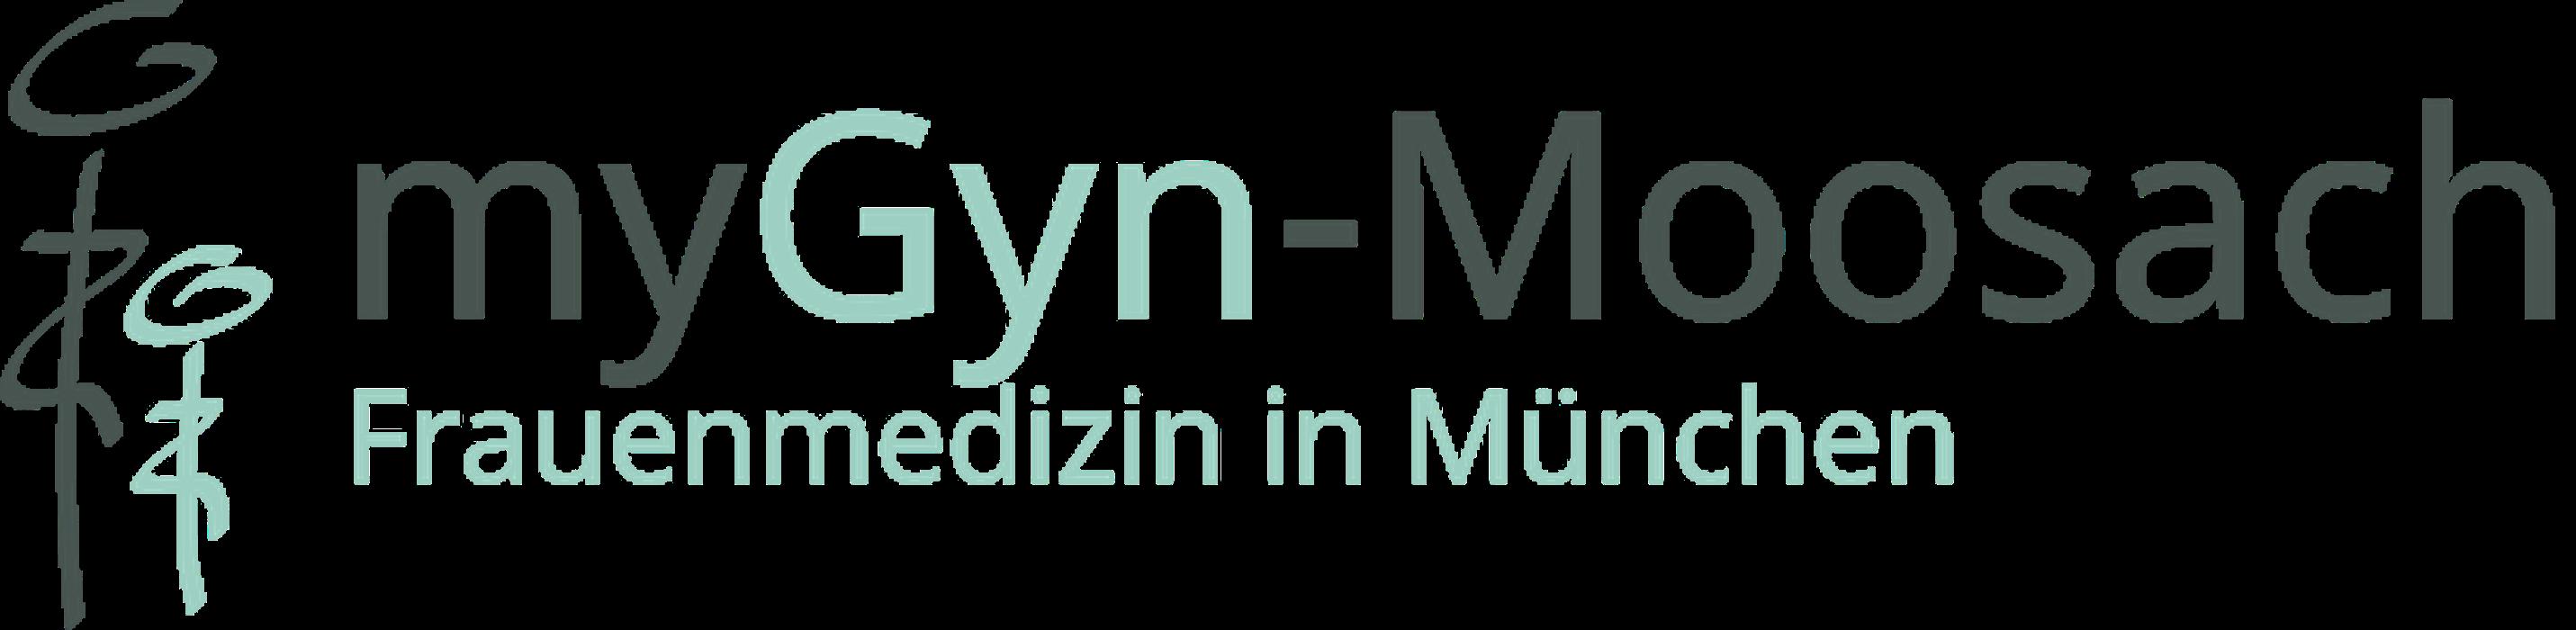 Bild zu myGyn-Moosach, Dr. med. Friederike Meier und Dr. med. Meike Kern in München